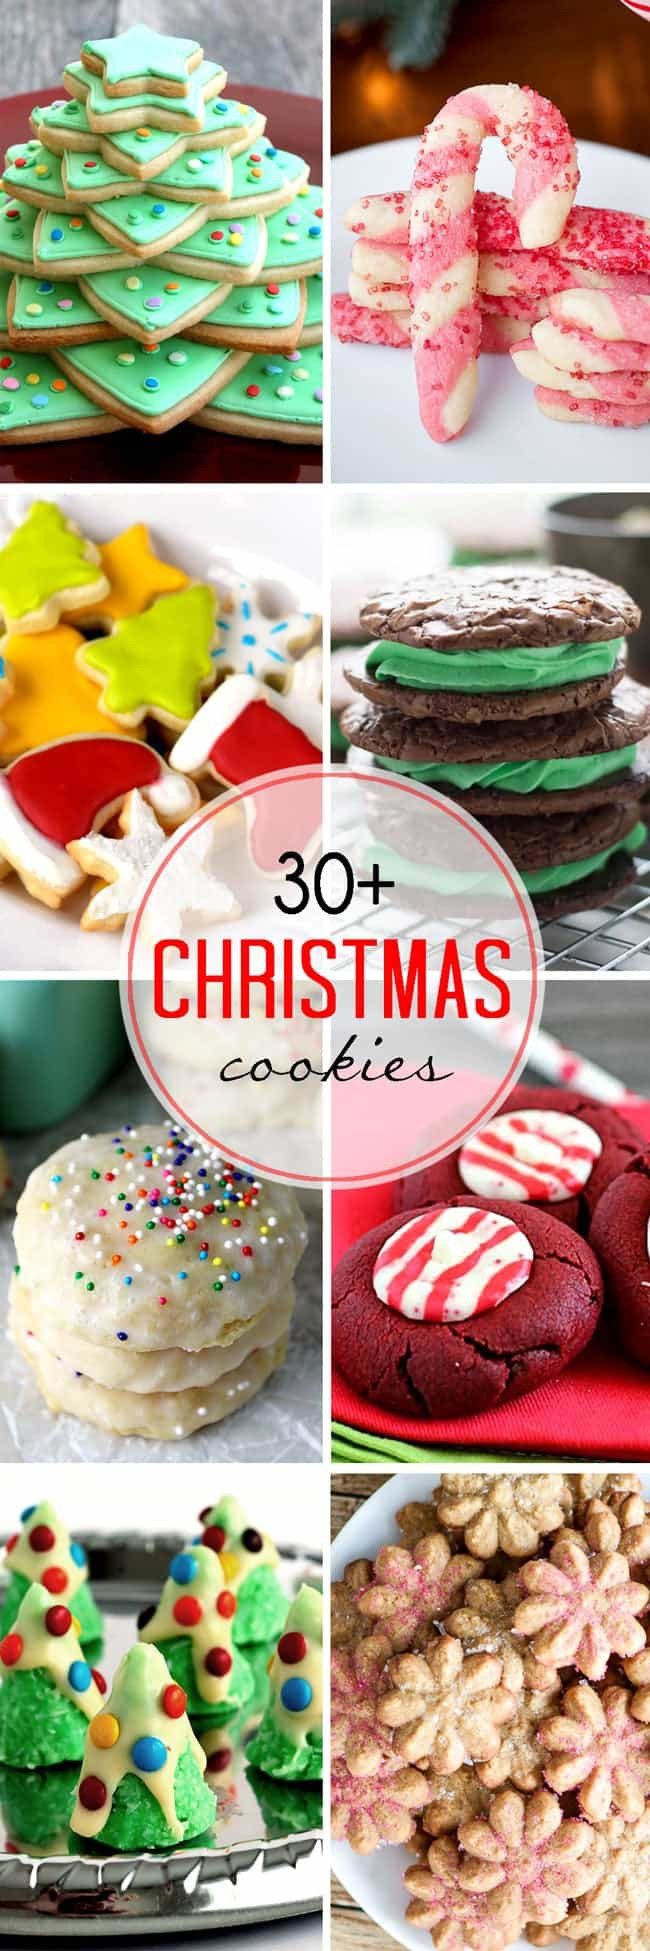 Easiest Christmas Cookies  30 Easy Christmas Cookies LemonsforLulu